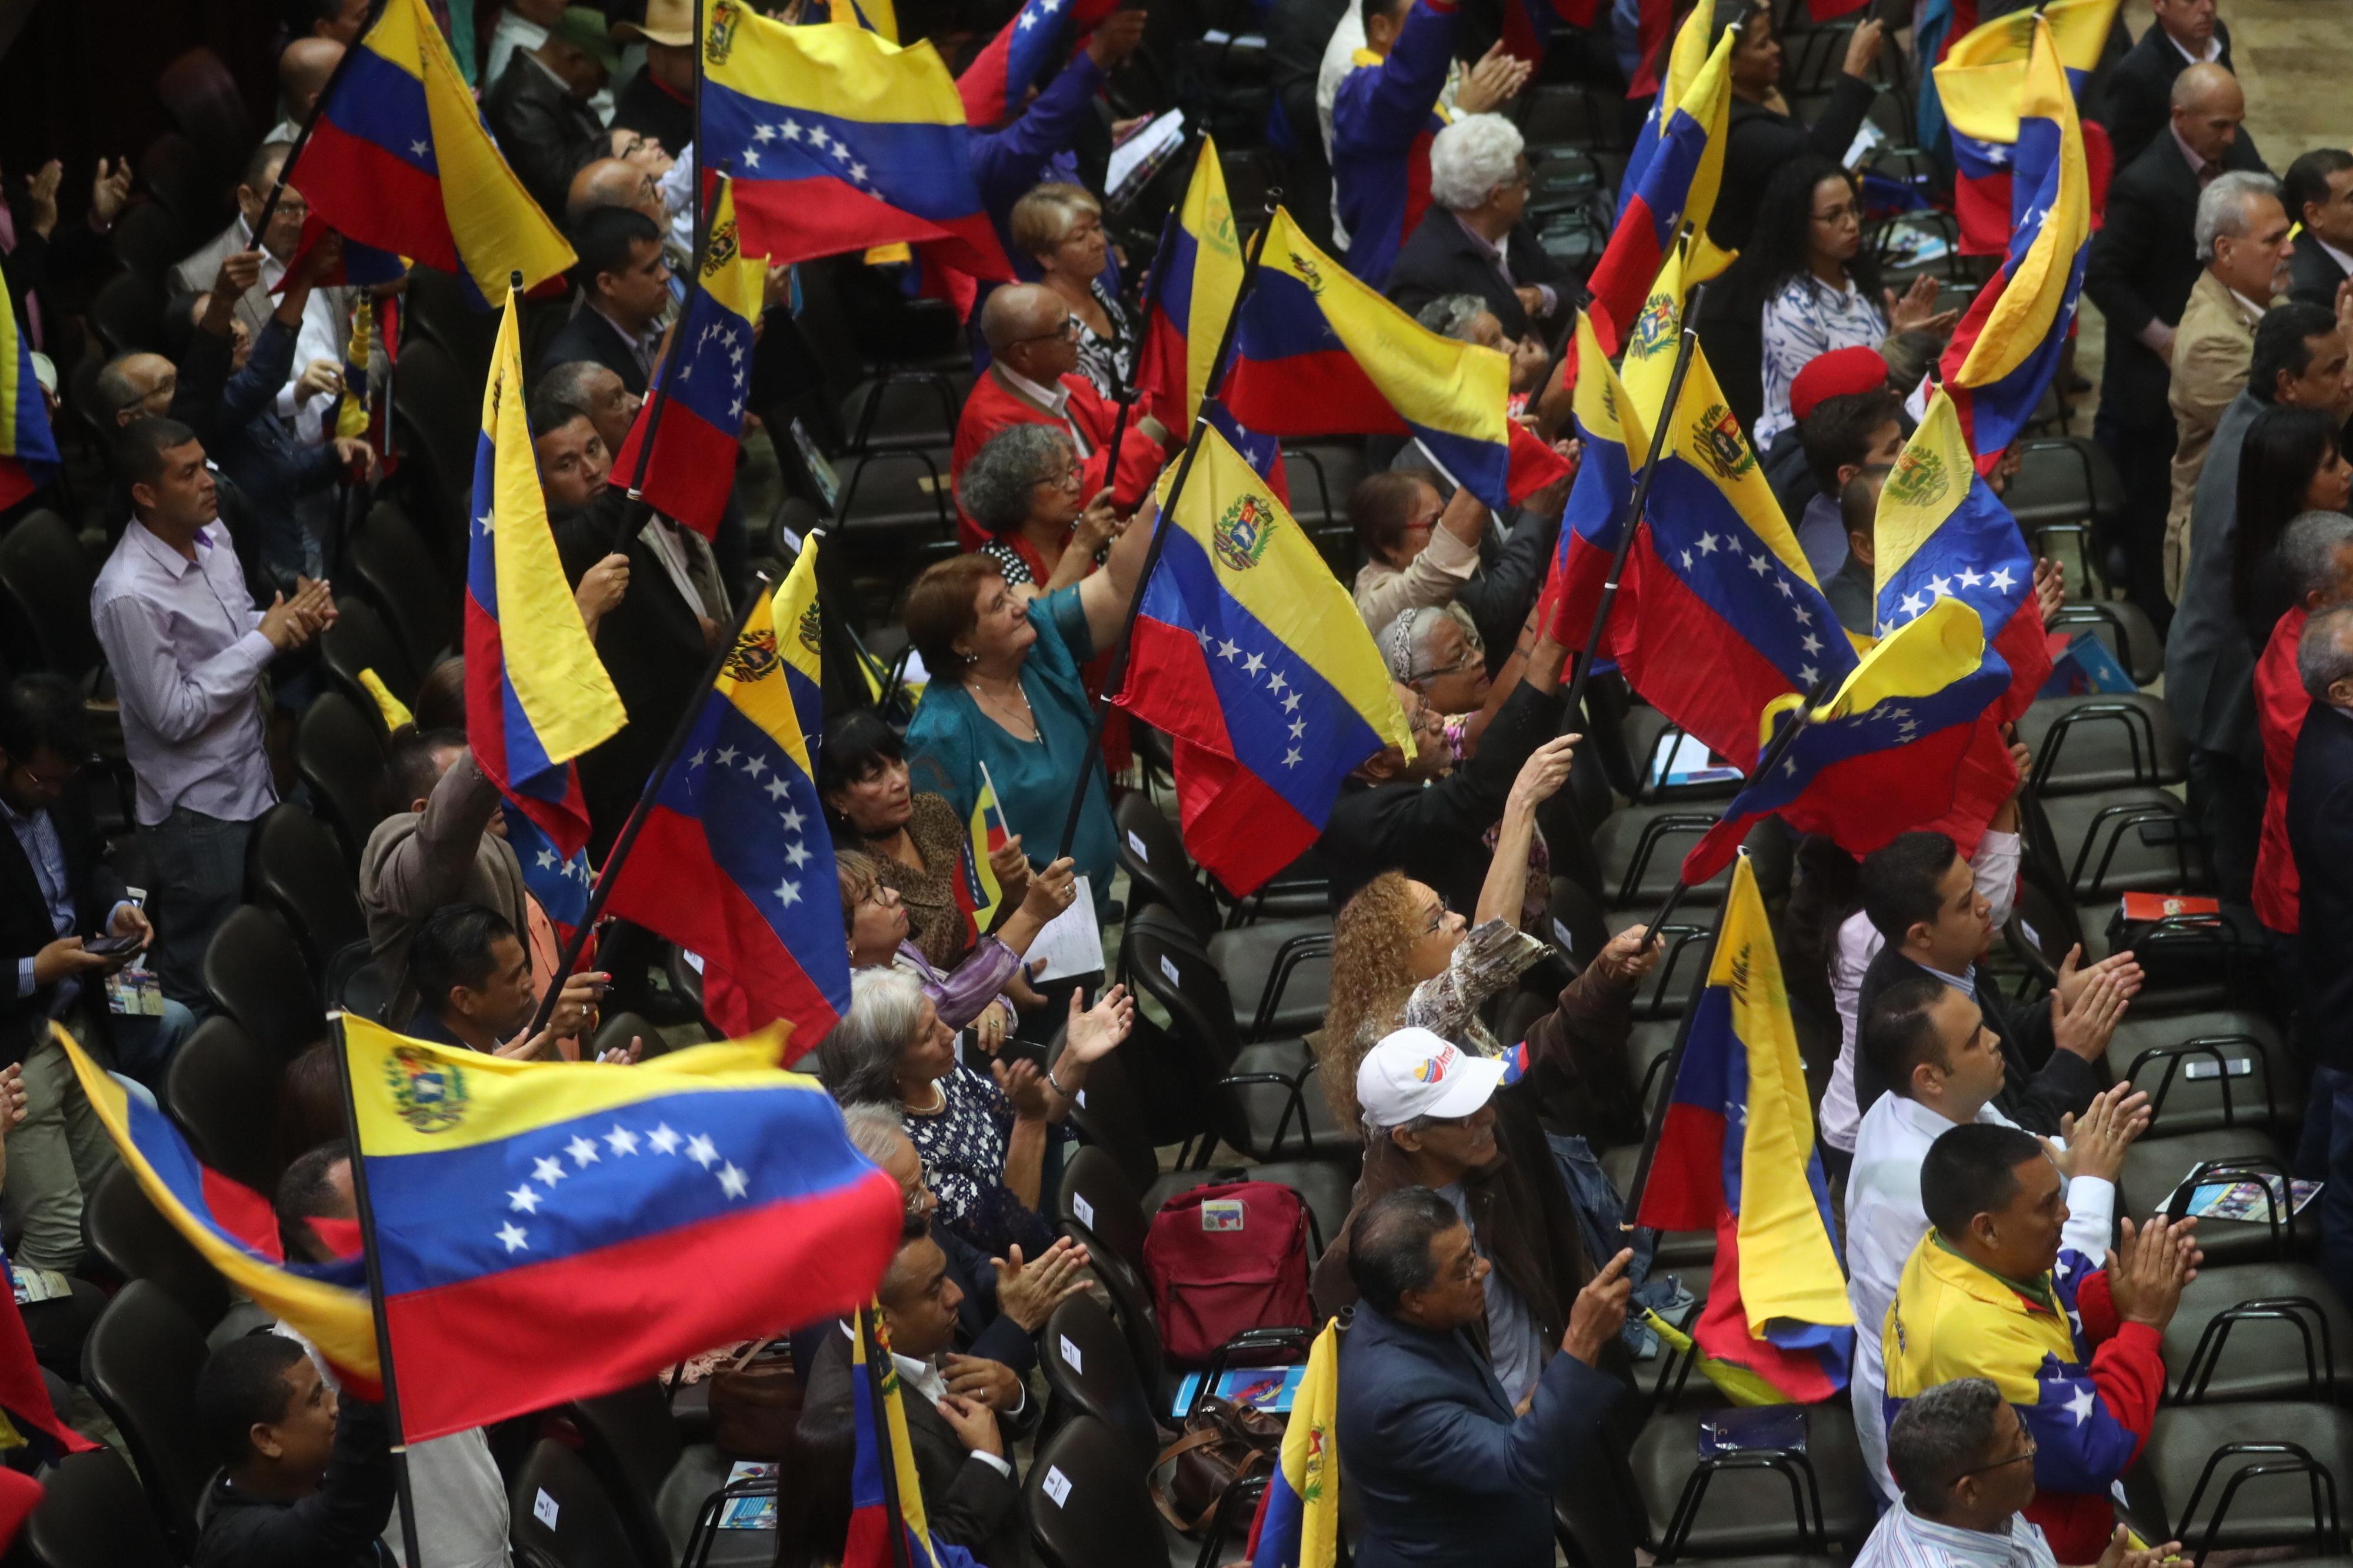 Guerrilha colombiana recruta crianças venezuelanas, diz ONG